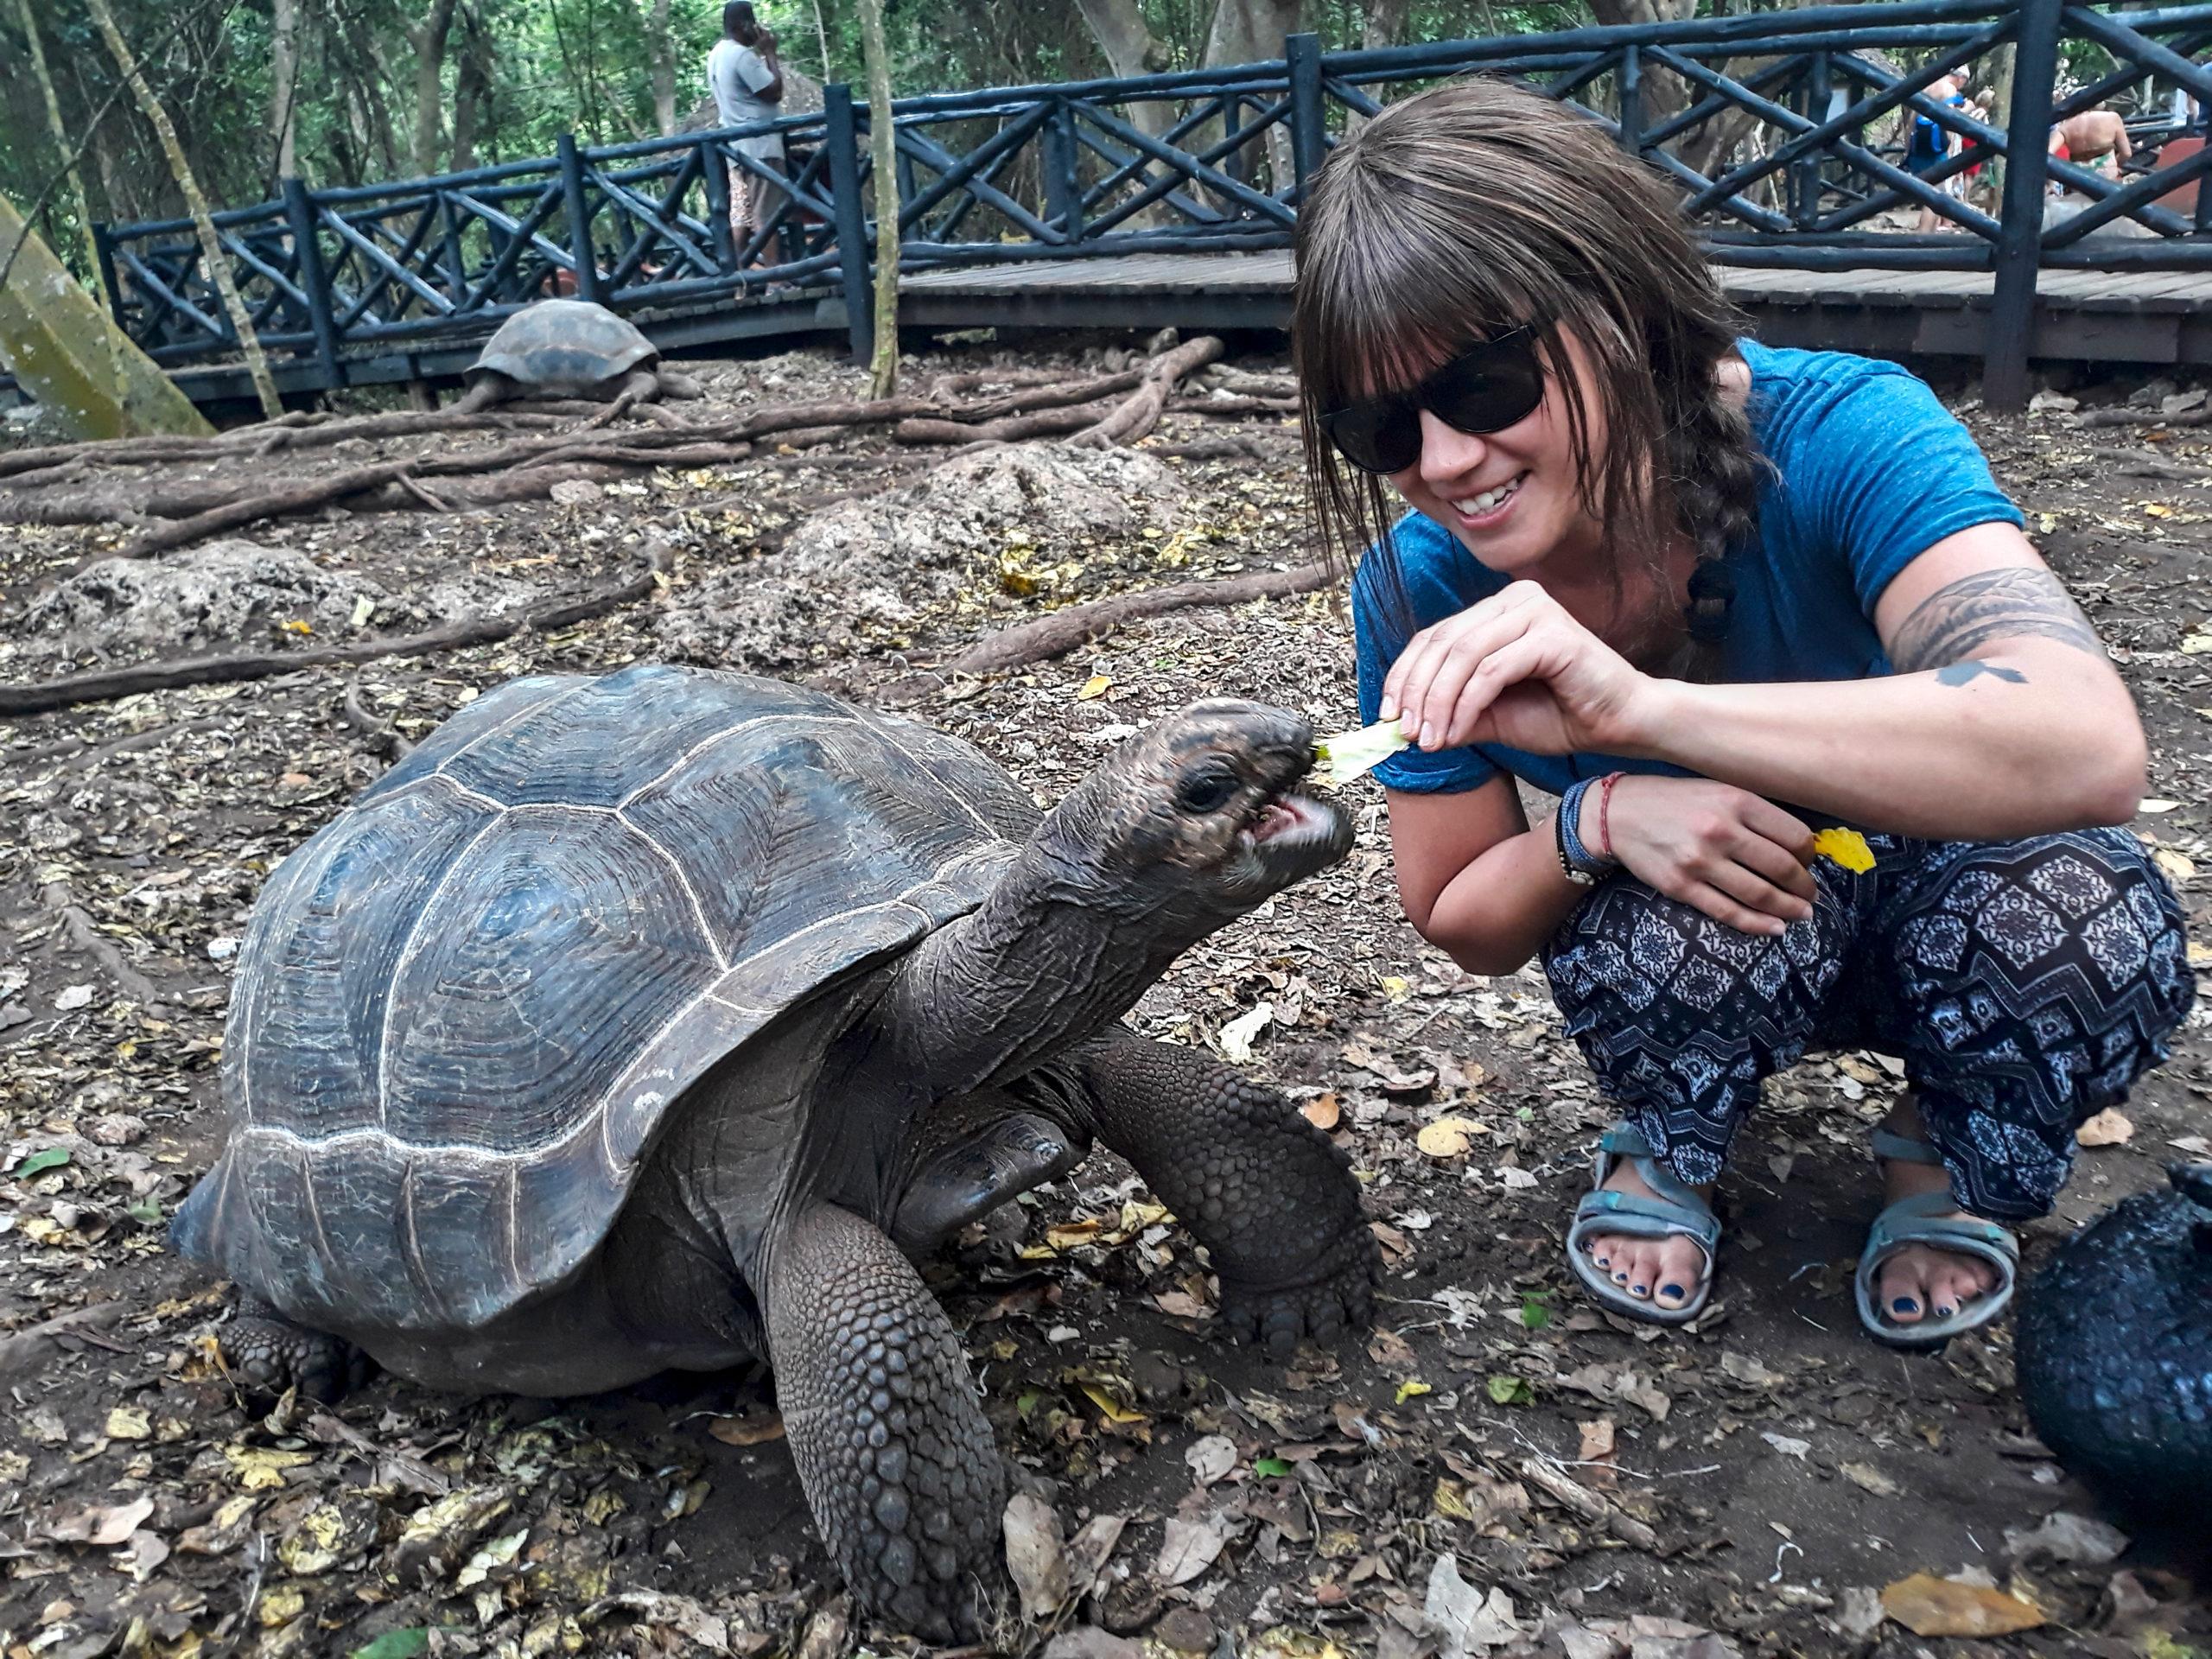 zanzibar-żółw-wyspa-więzienna